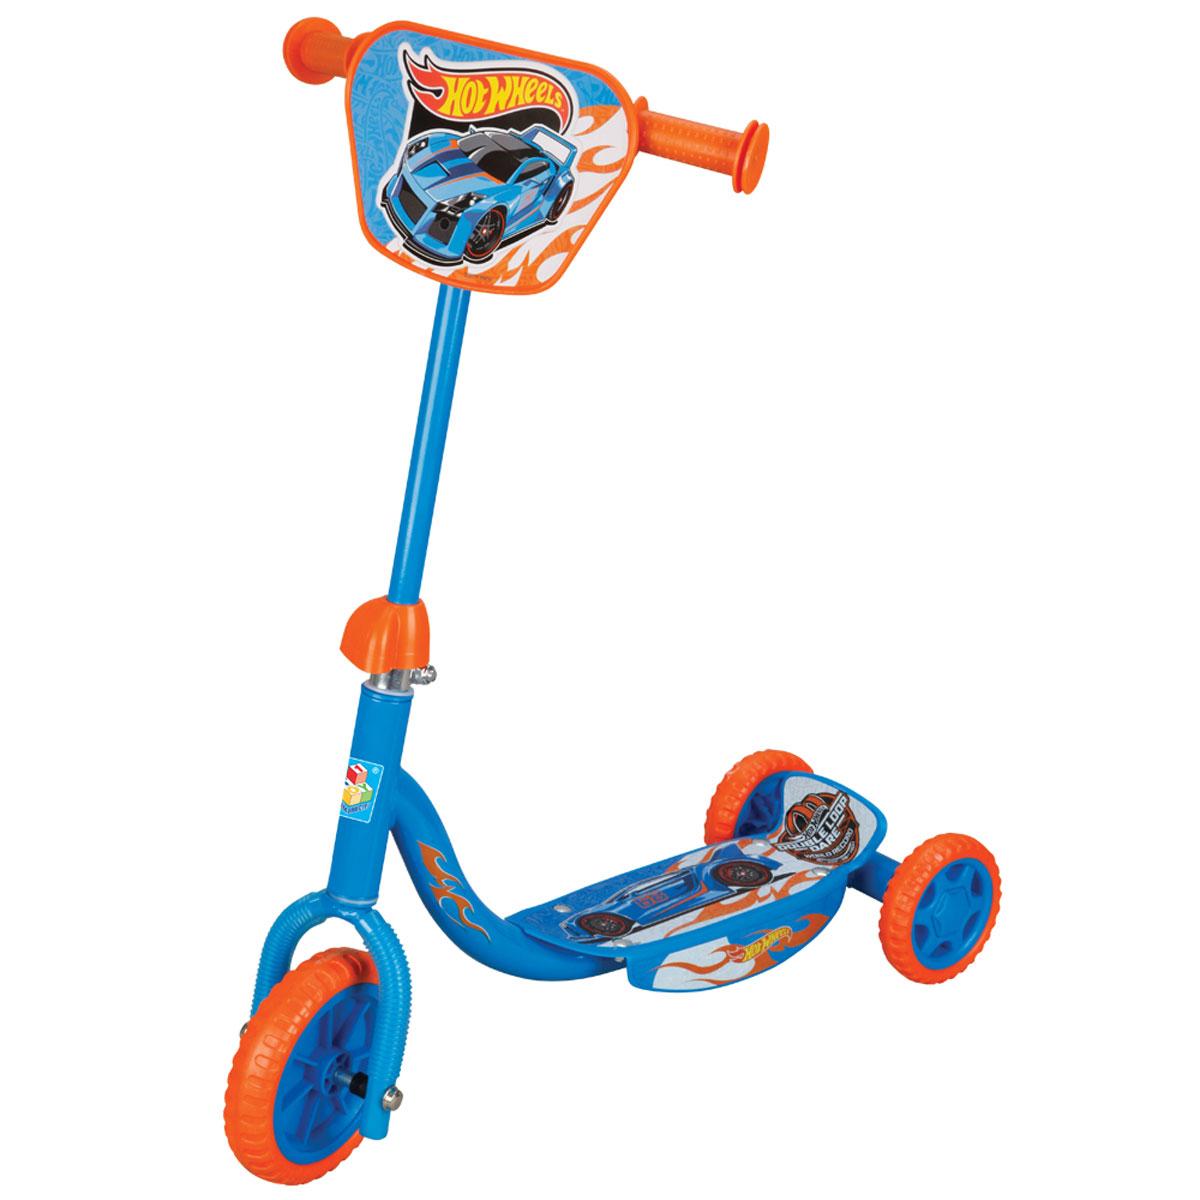 1TOY Самокат детский трехколесный Hot Wheels с декоративной панелью, Solmar Pte Ltd